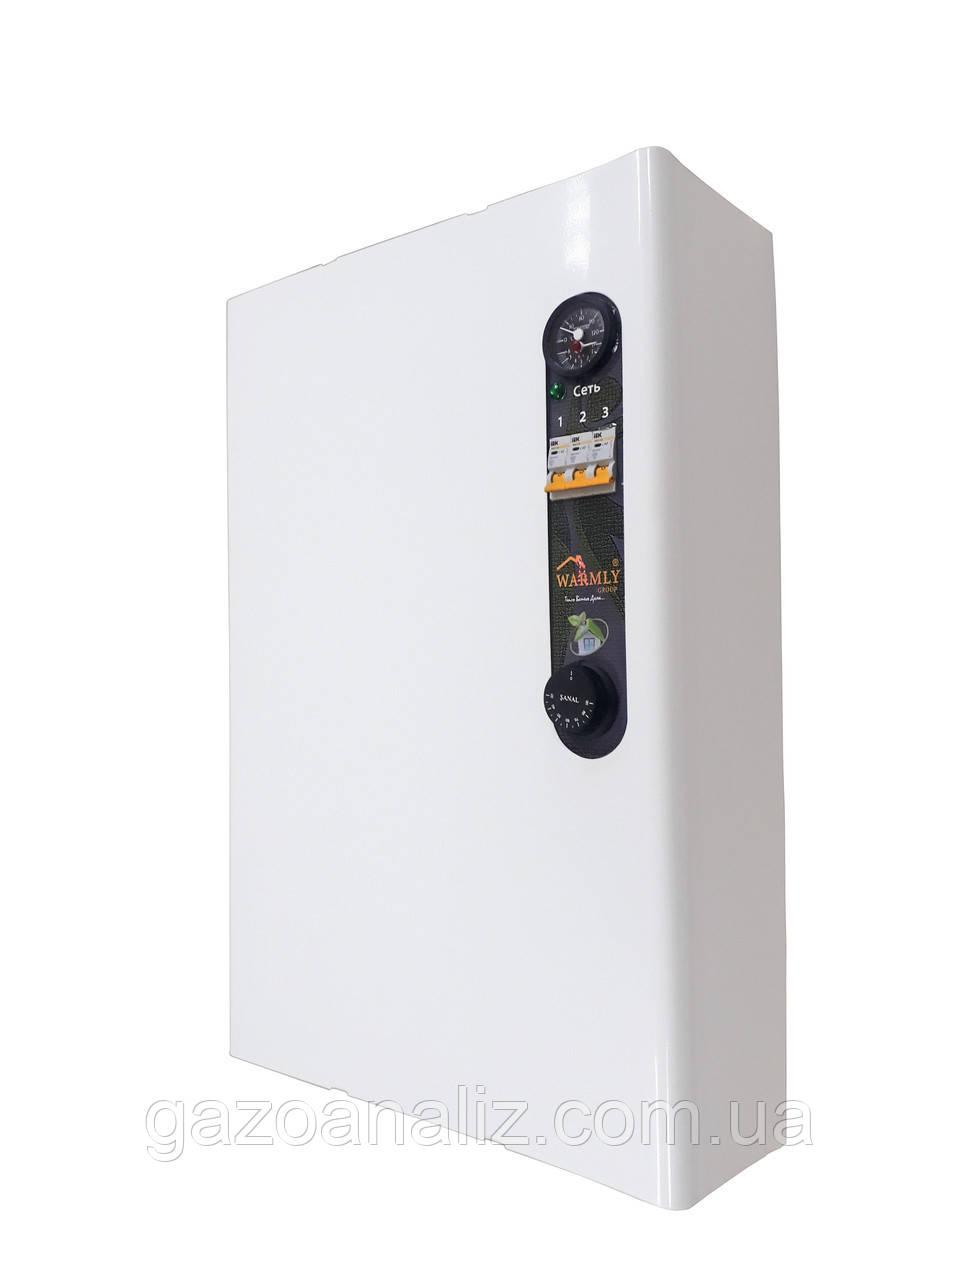 Электрокотел Warmly PRO 9 кВт 220/380в. Магнитный пускатель